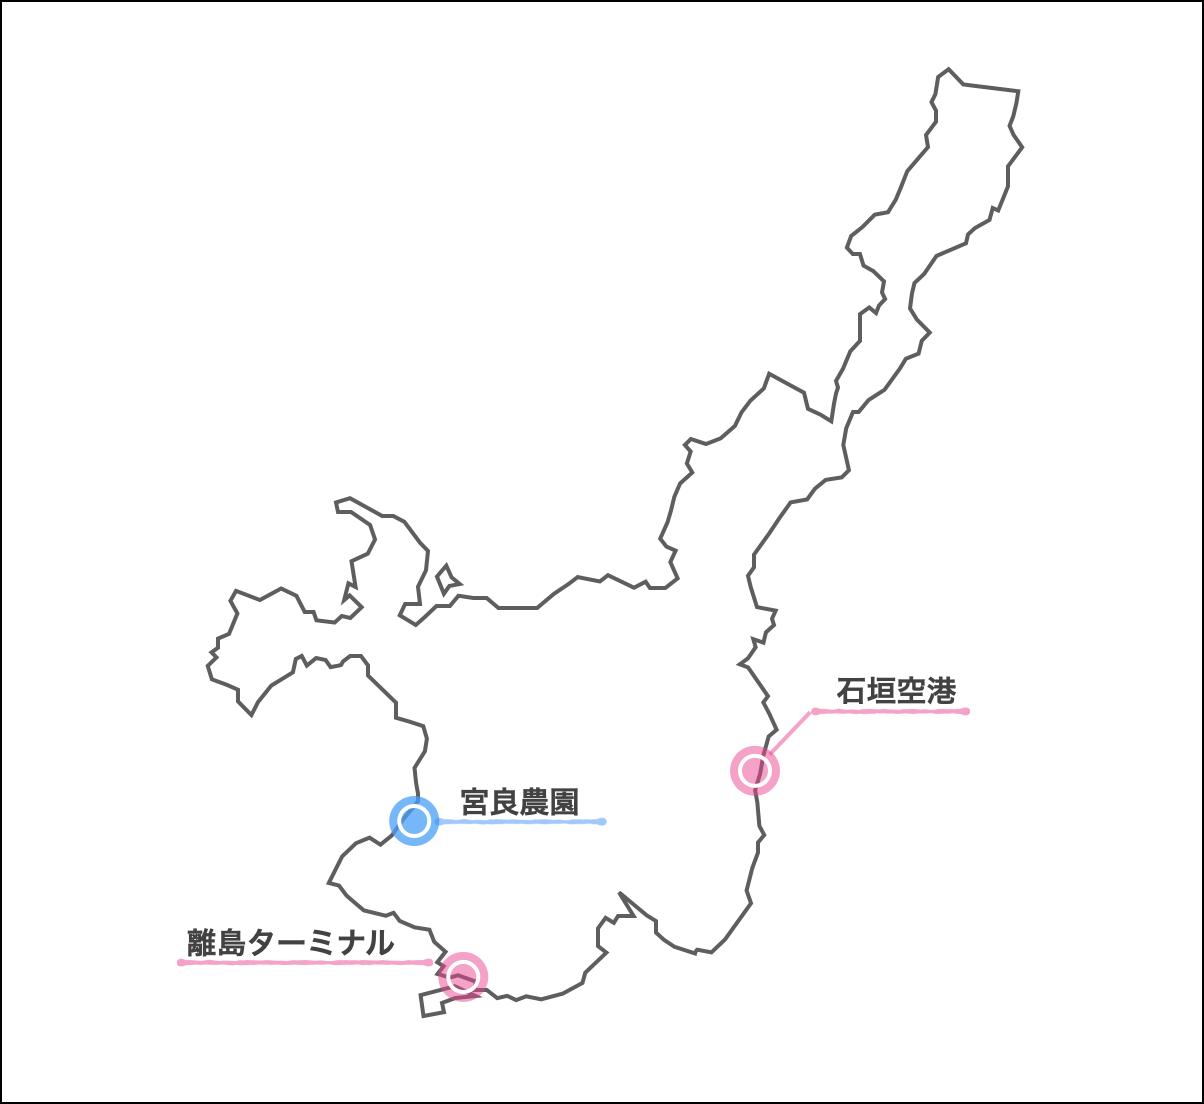 宮良農園 地図